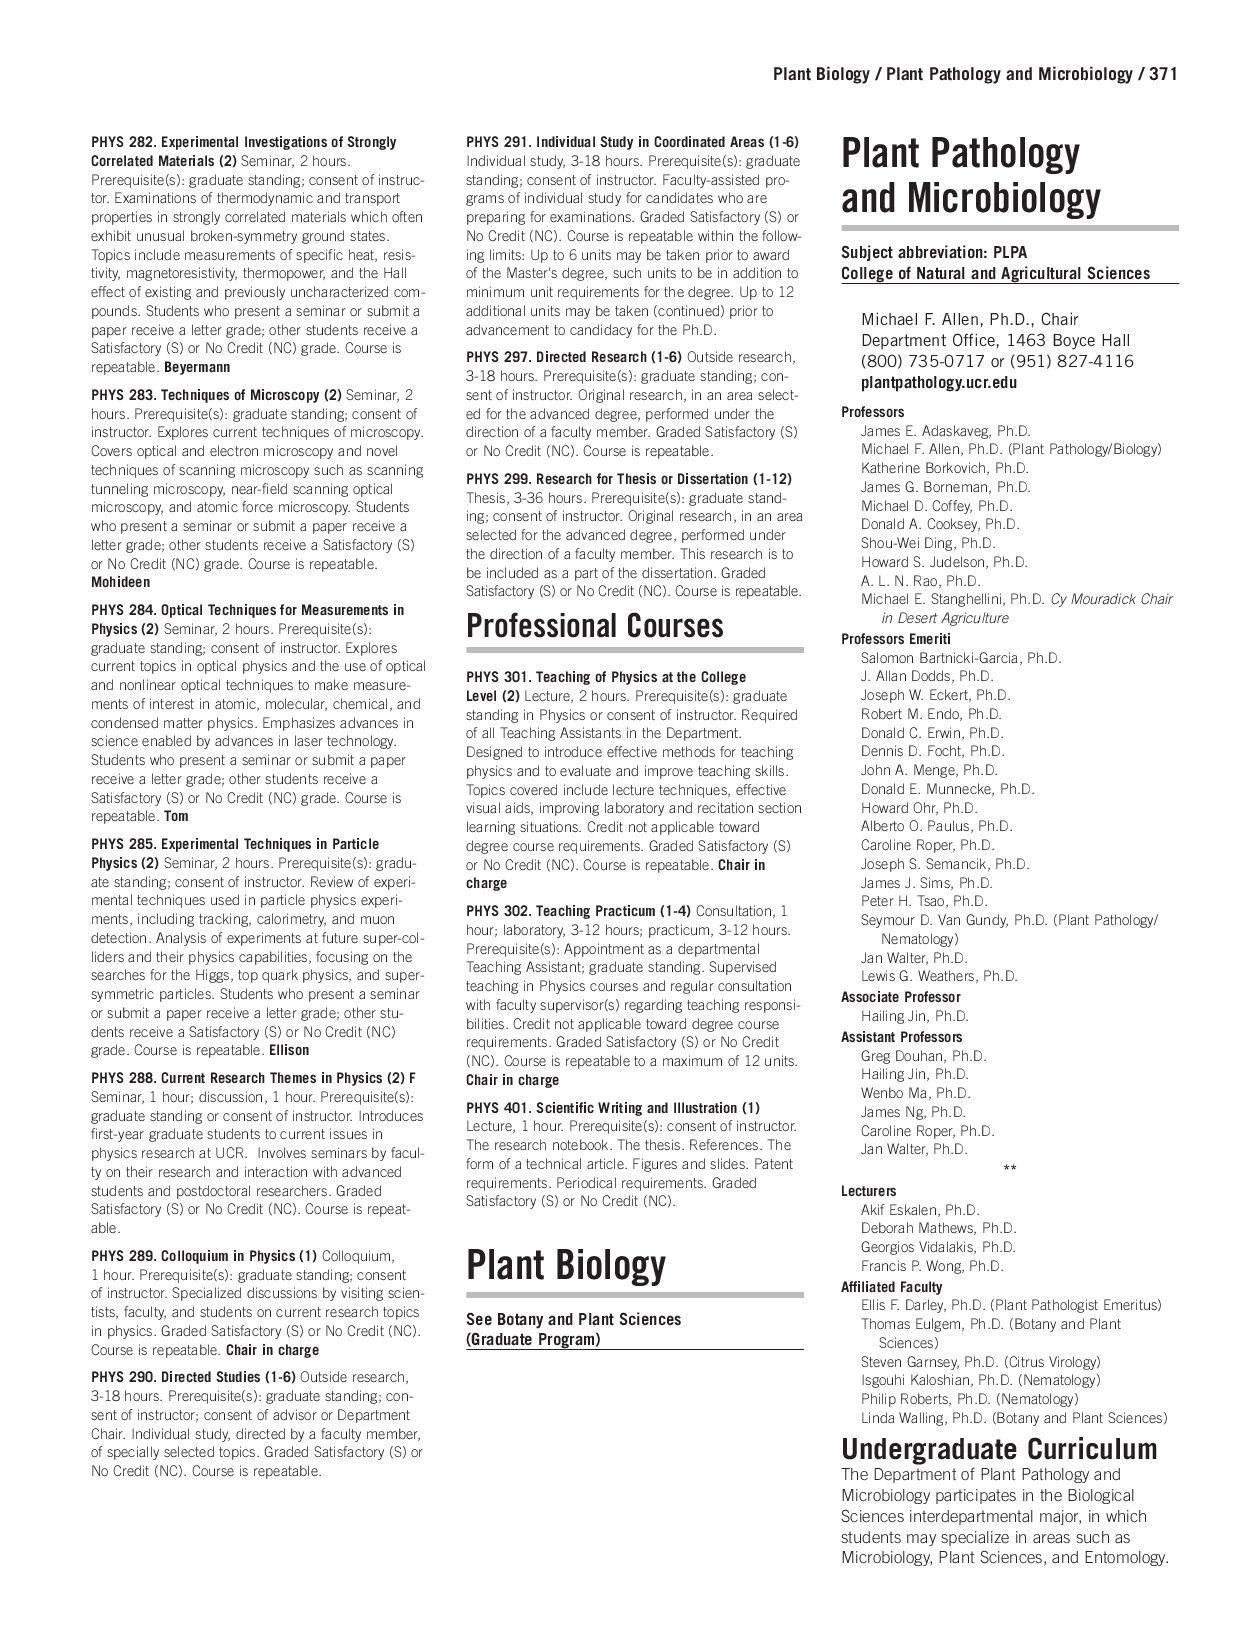 Phd dissertations online ga tech